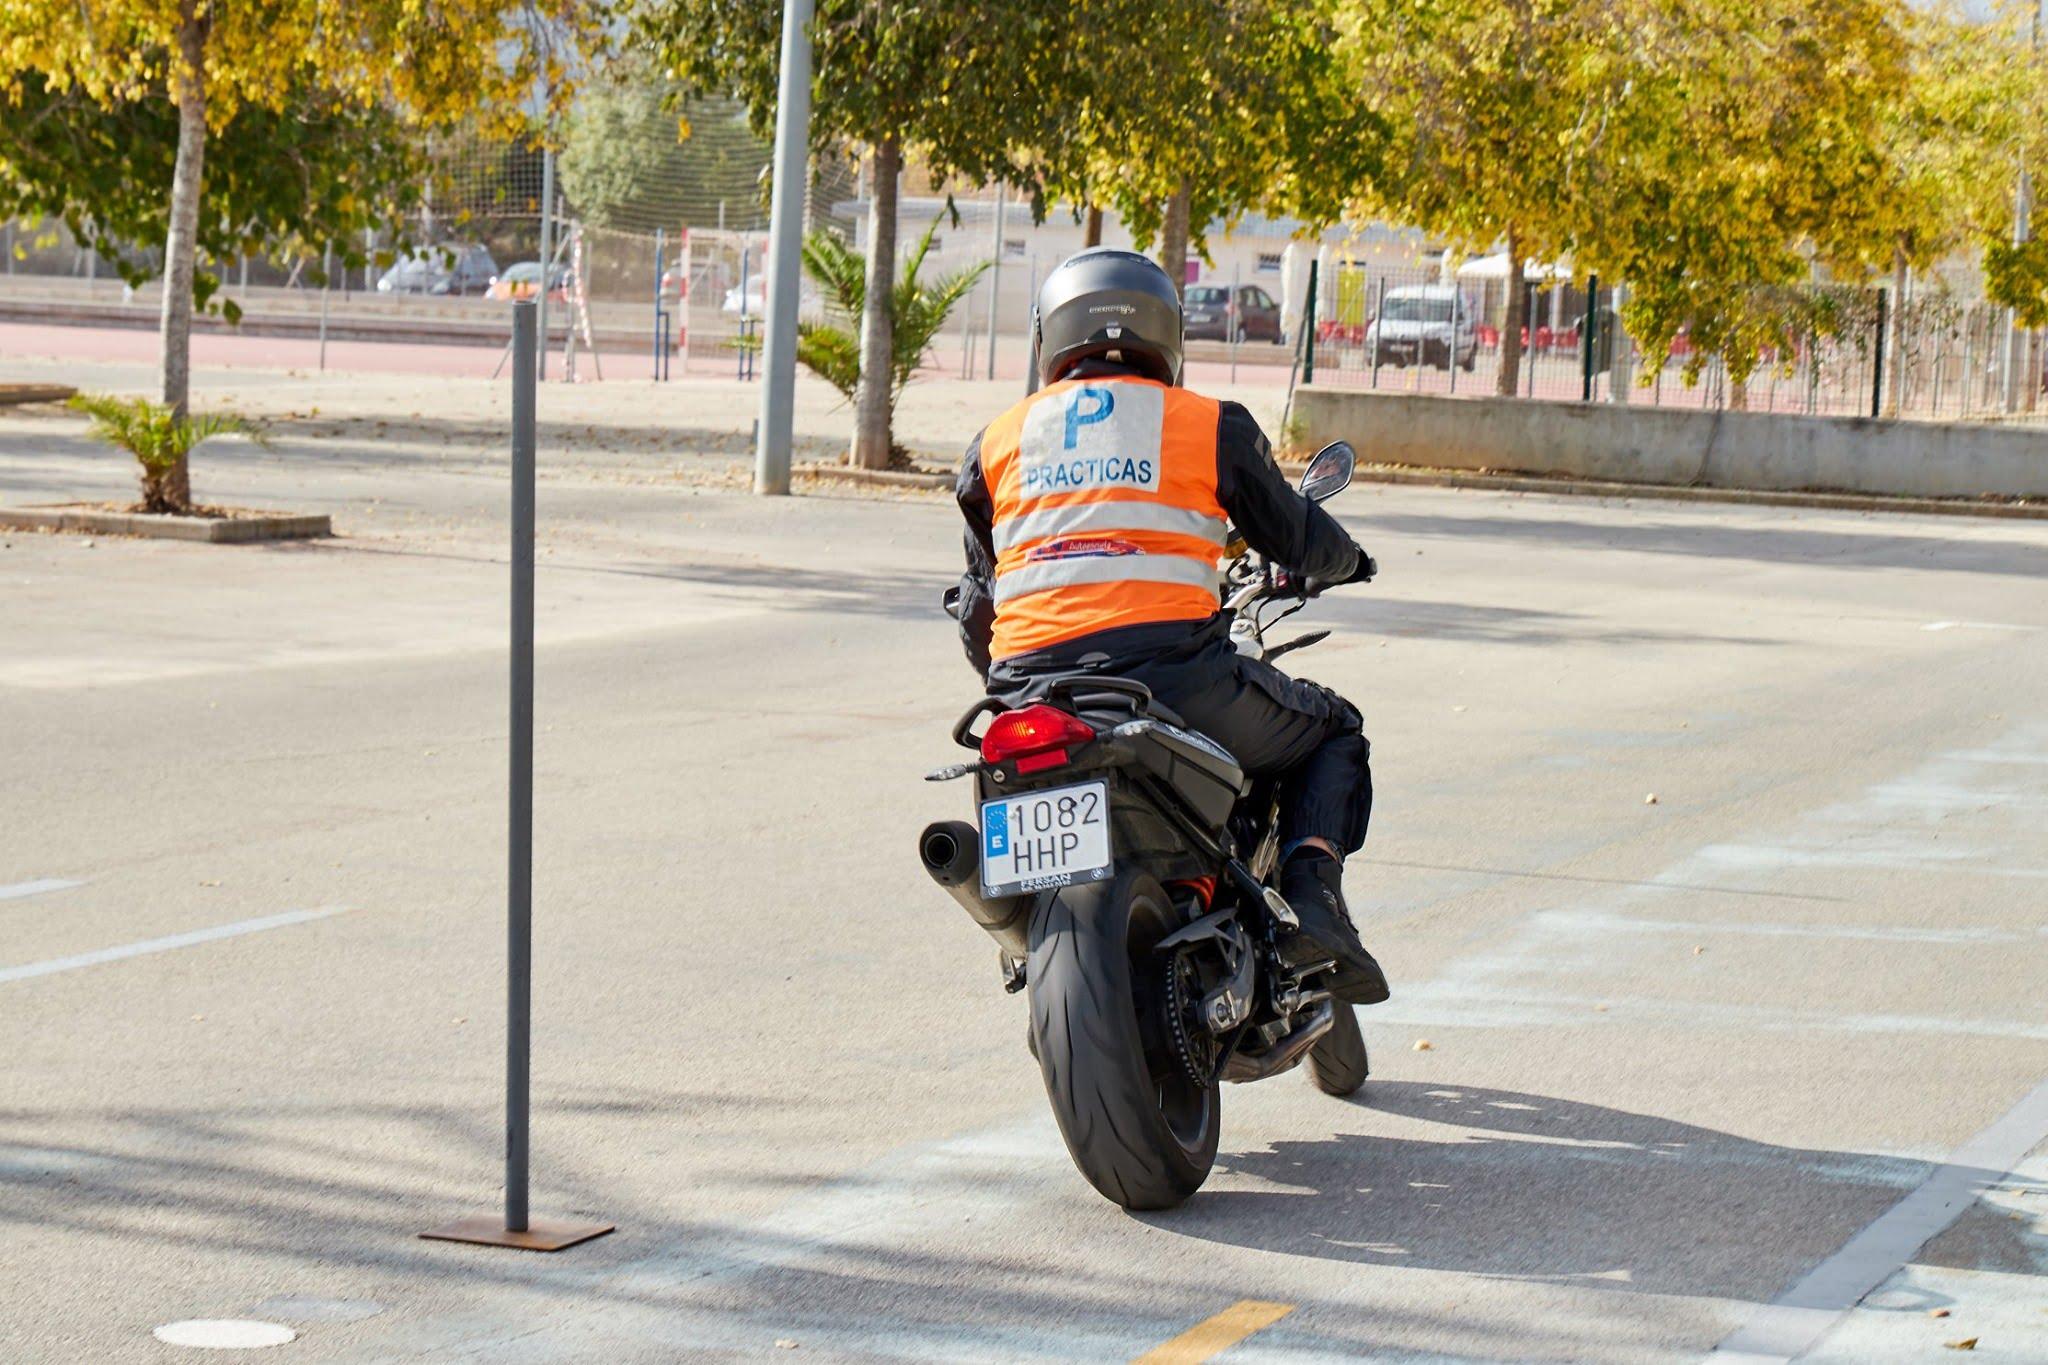 Prácticas del carnet de moto – Autoescuela Guillem